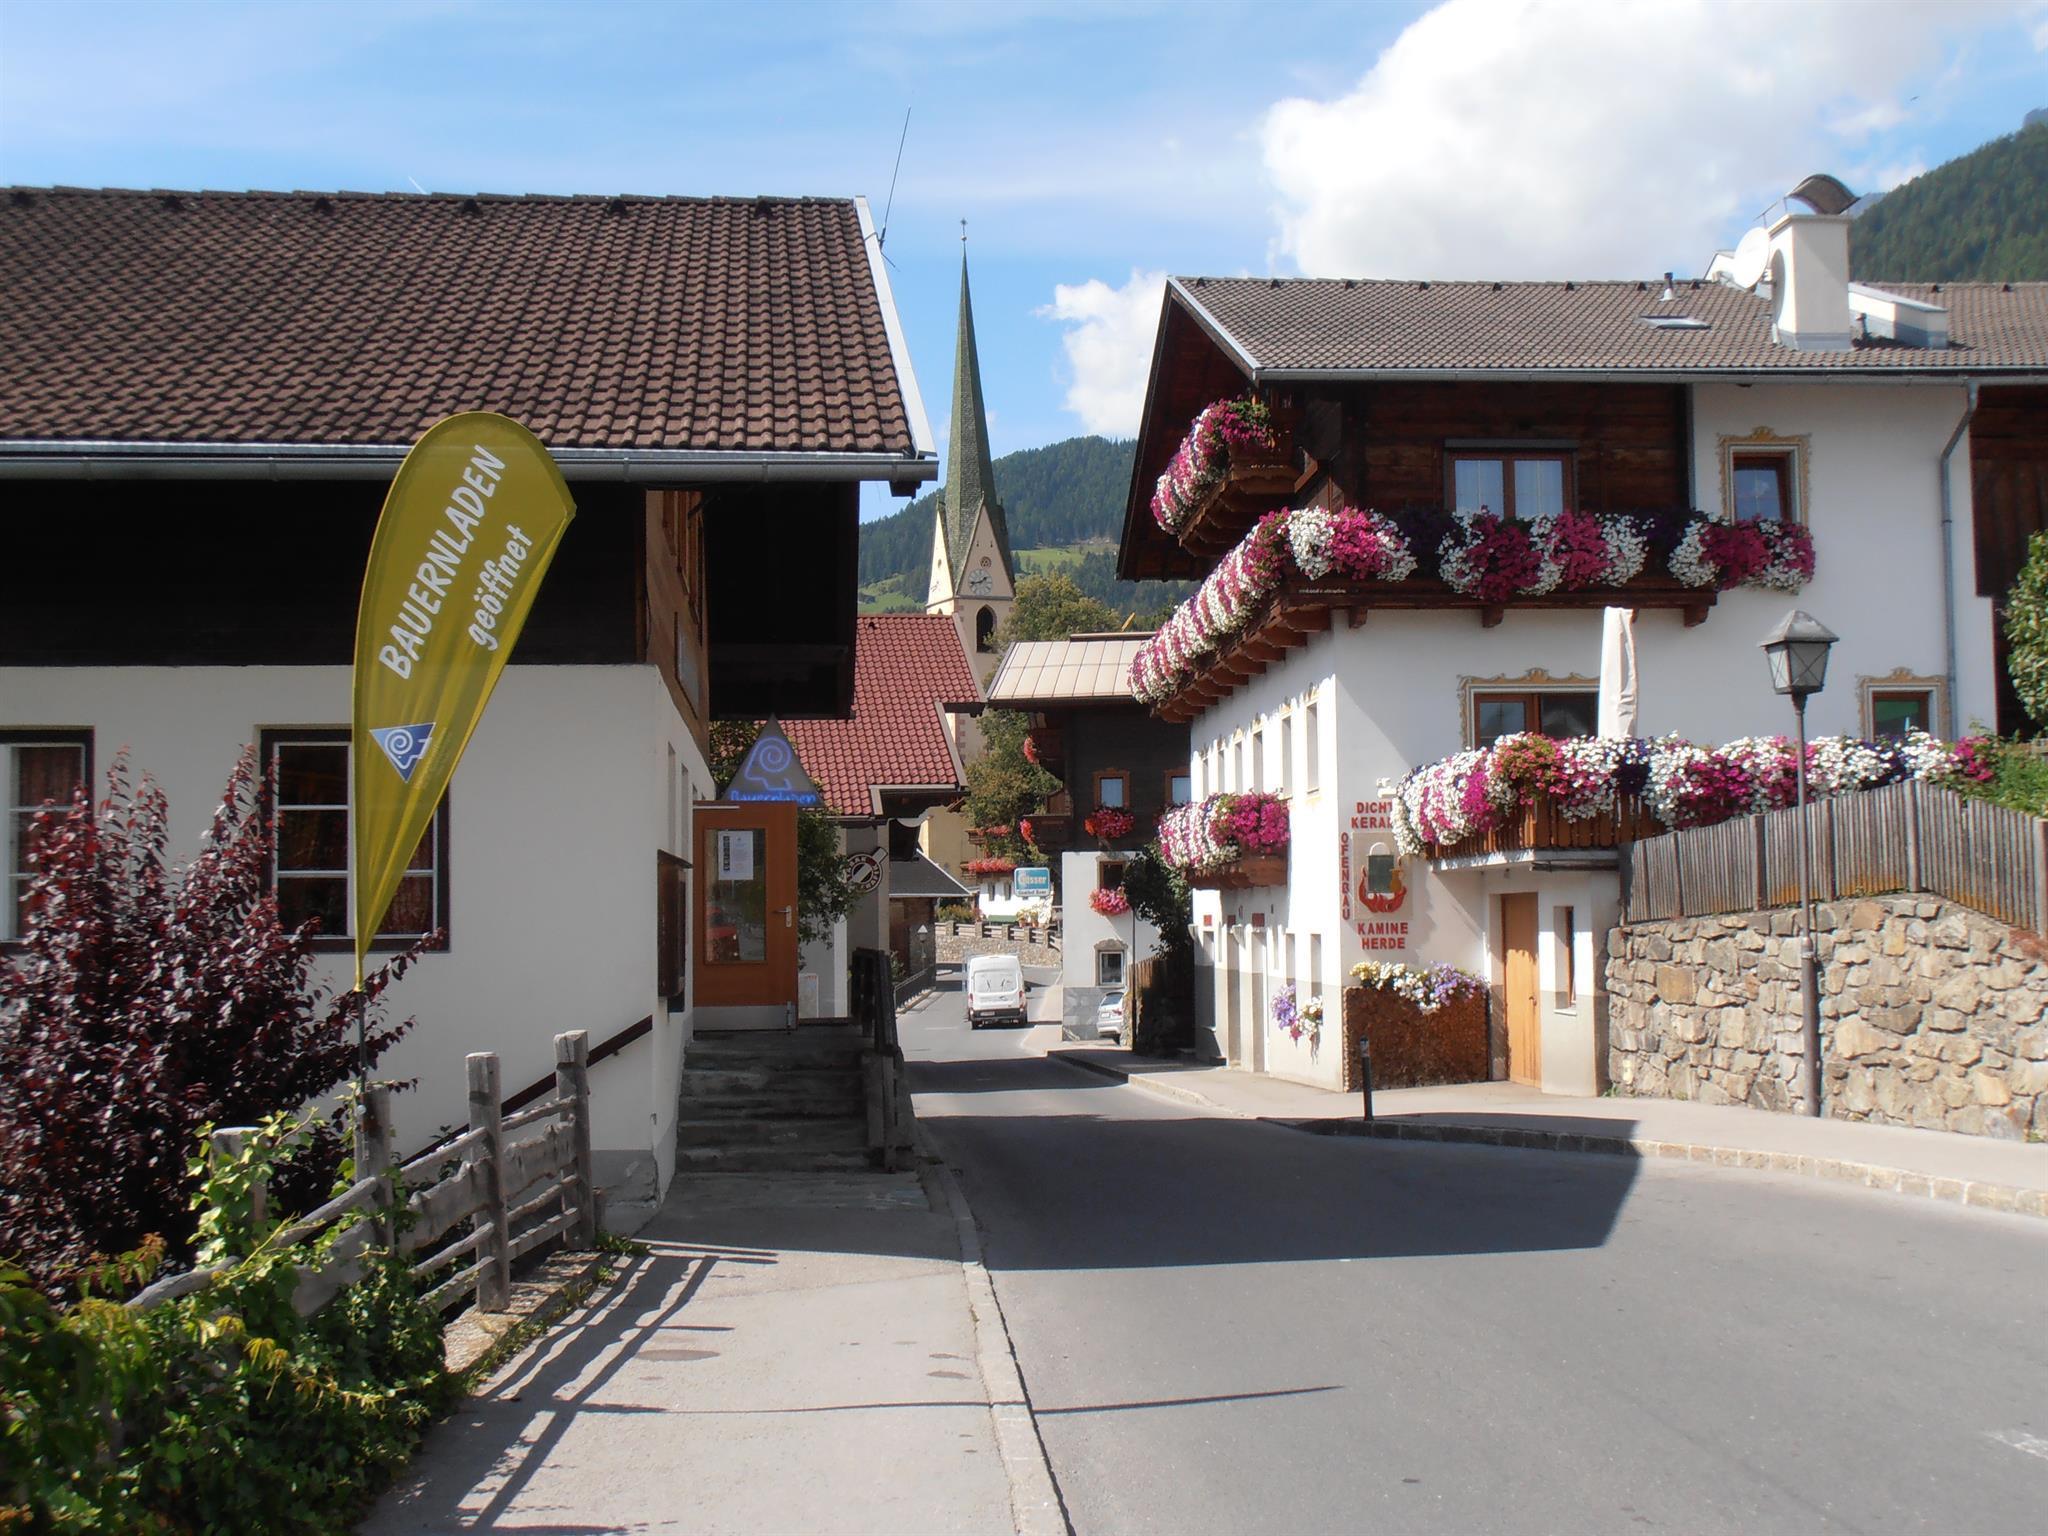 Bauernladen-Virgen-aussen.jpg